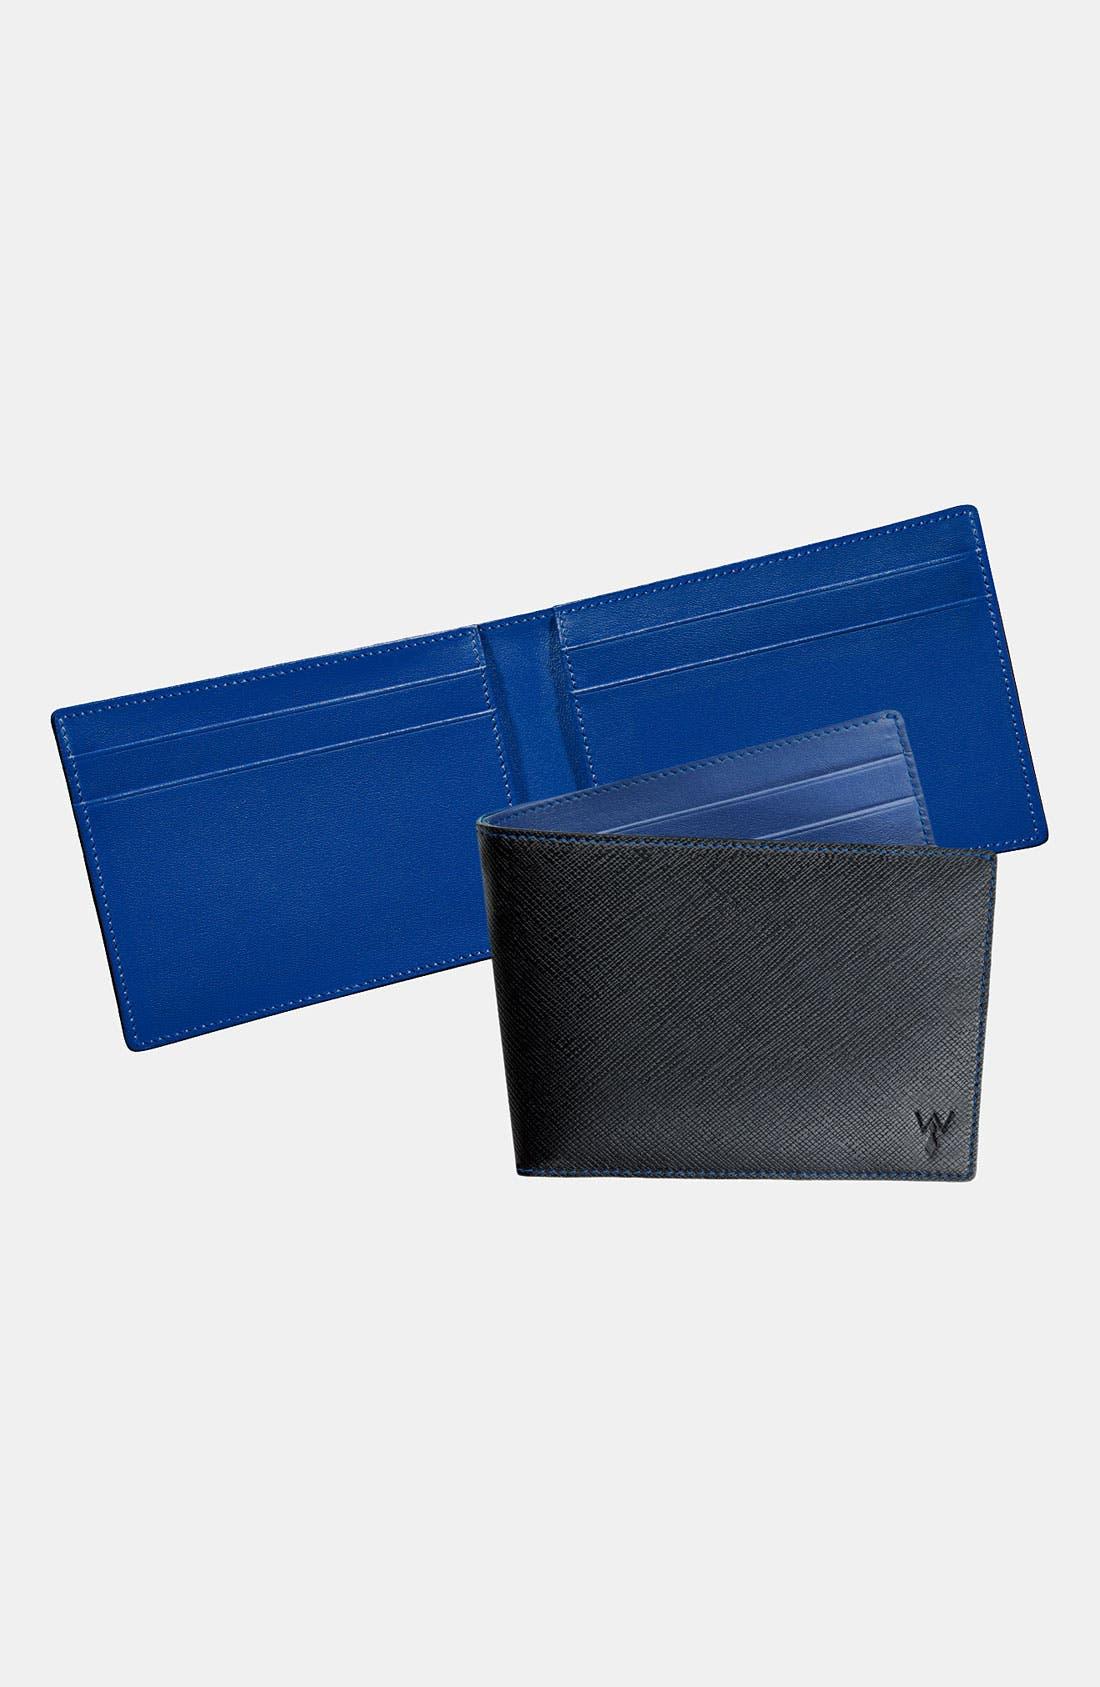 RFID Blocker Wallet,                         Main,                         color, Black/ Blue